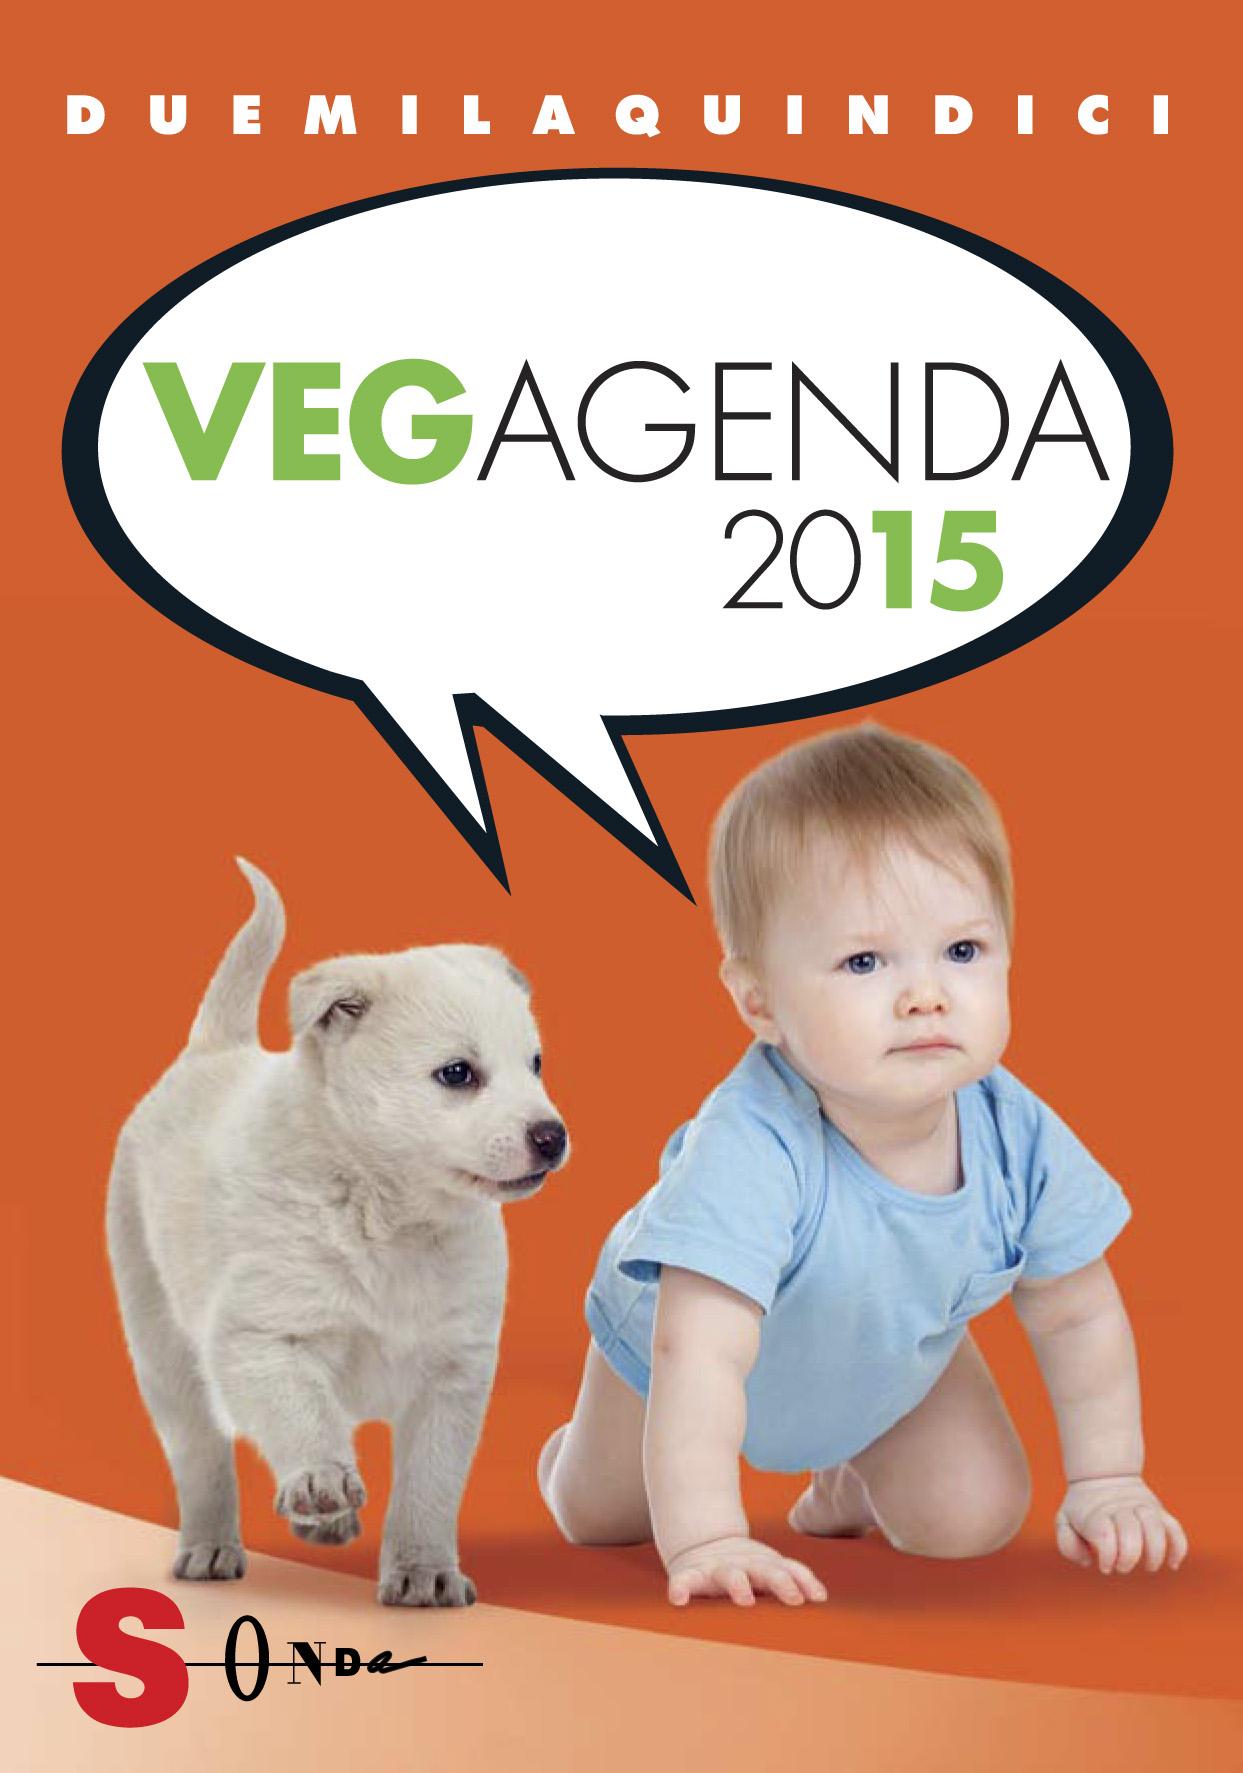 VegAgenda 2015